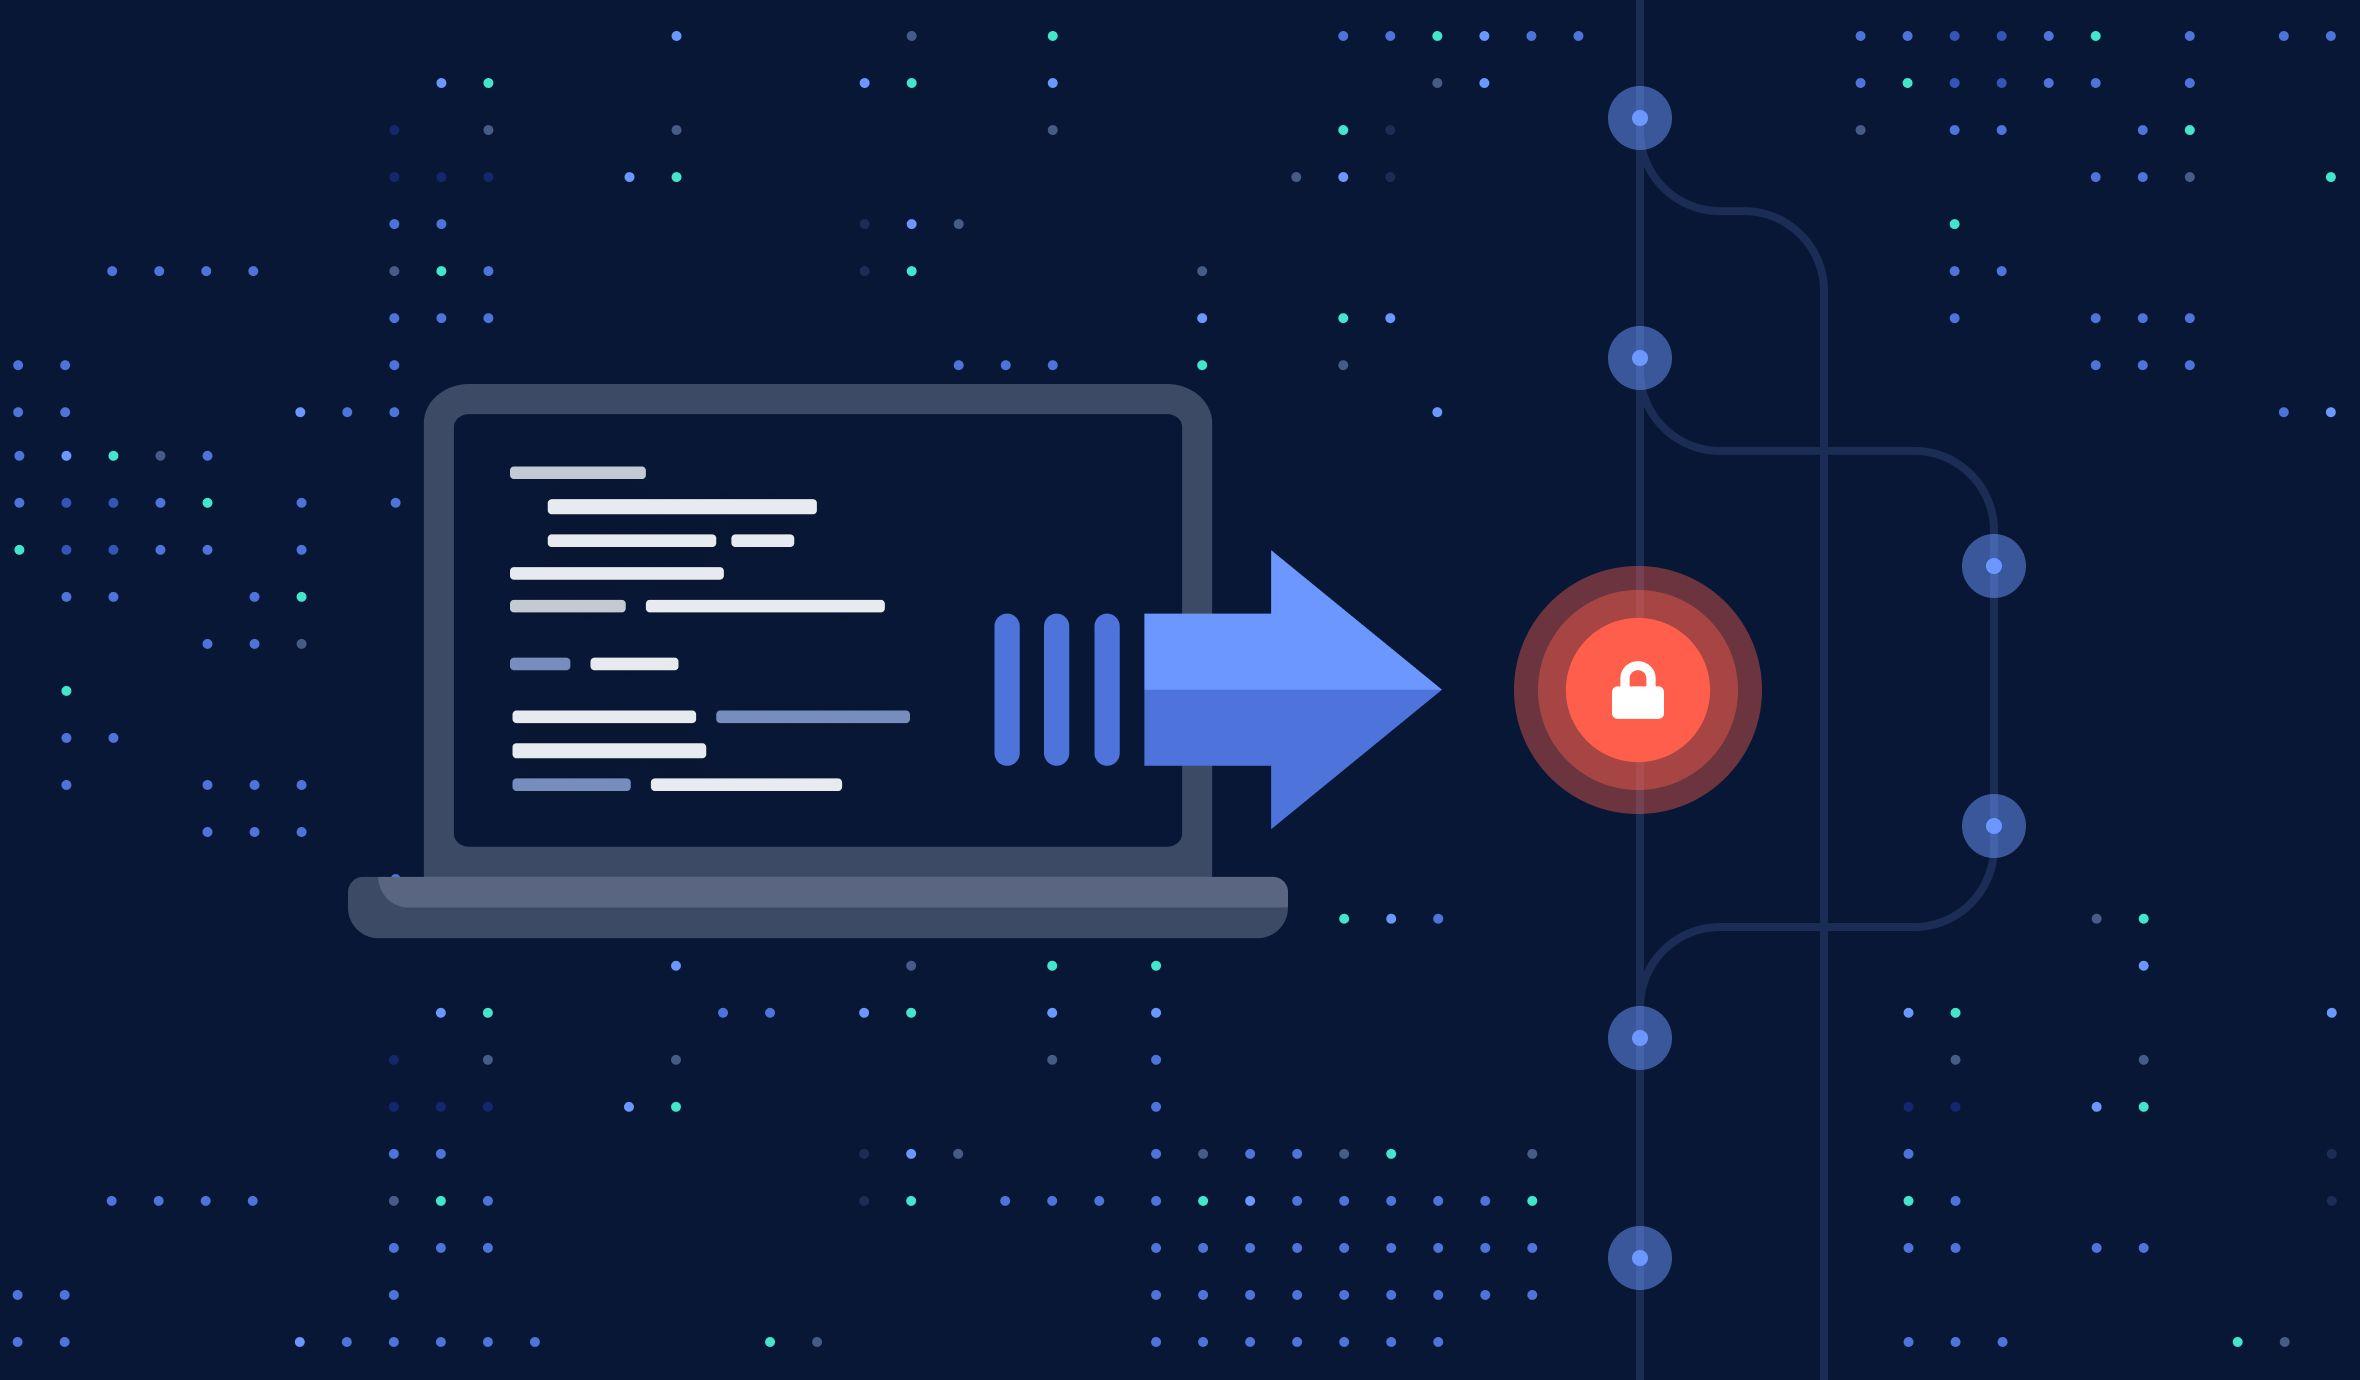 /how-to-store-secrets-like-api-keys-s71o3423 feature image